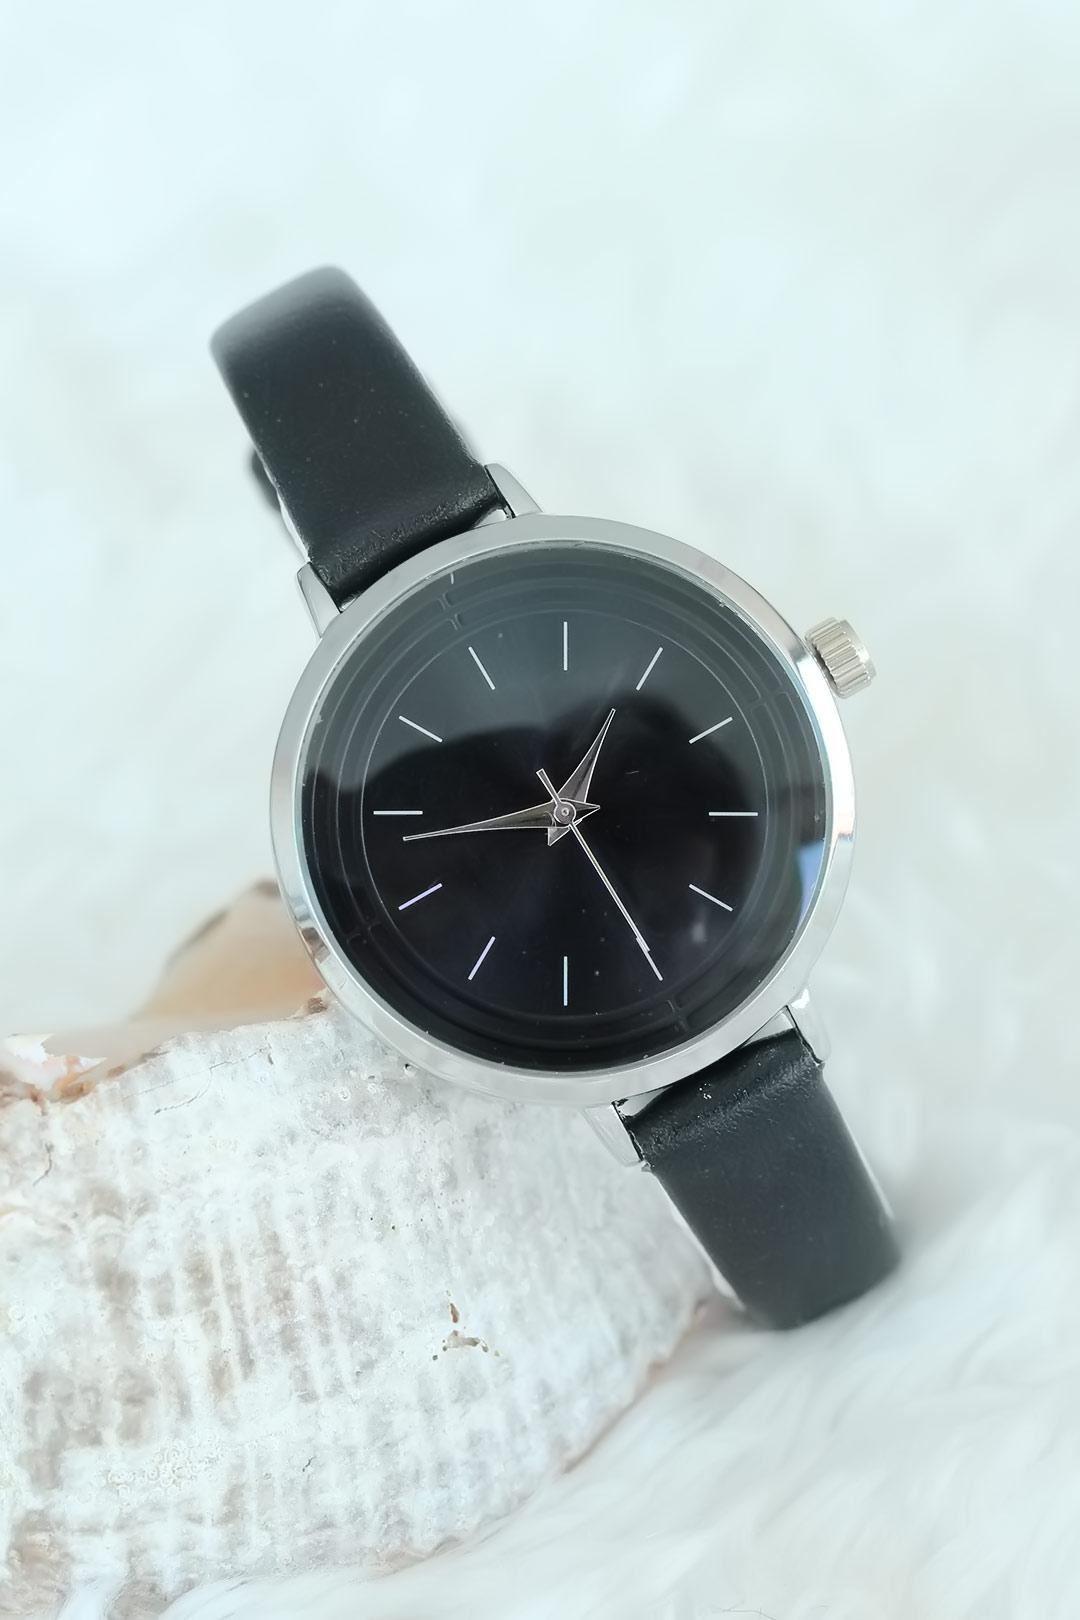 Siyah Renk Deri Kordon Silver Kasalı Bayan Saat